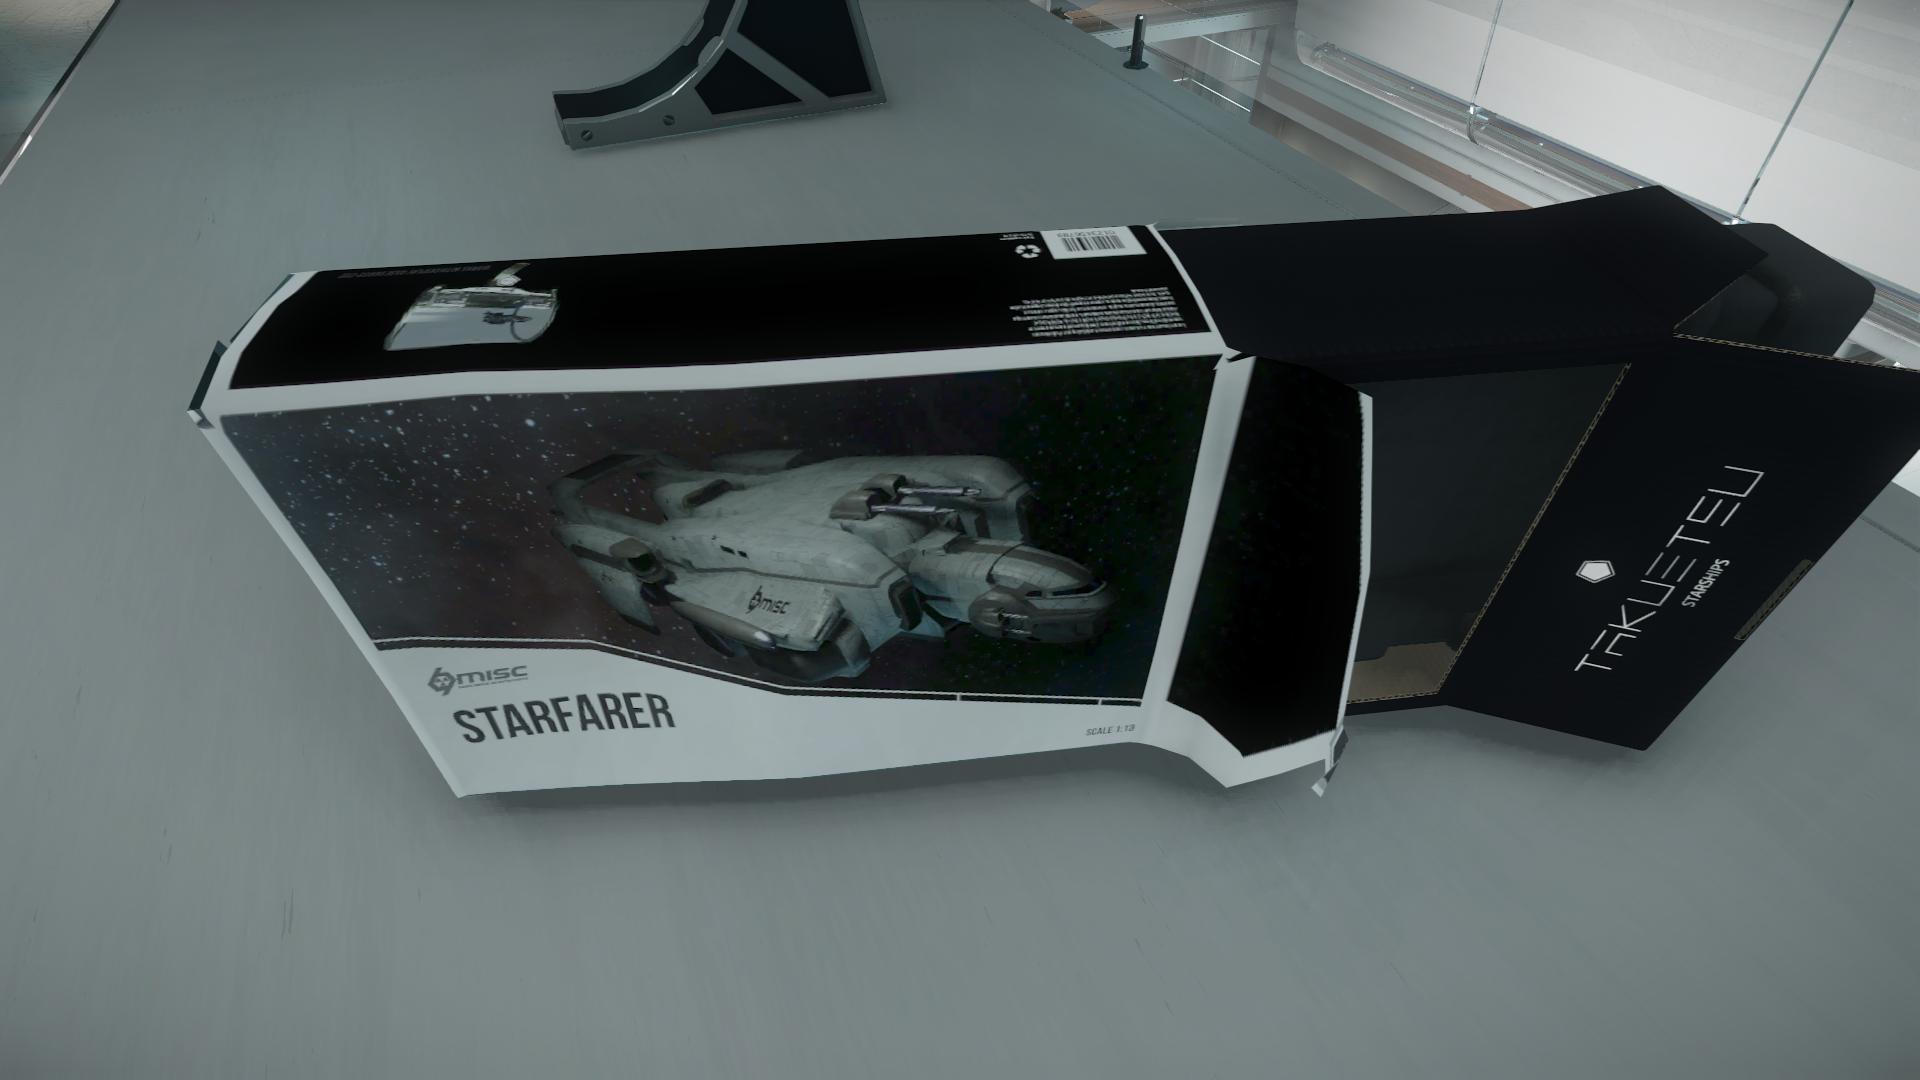 Taketsu Starfarer 13